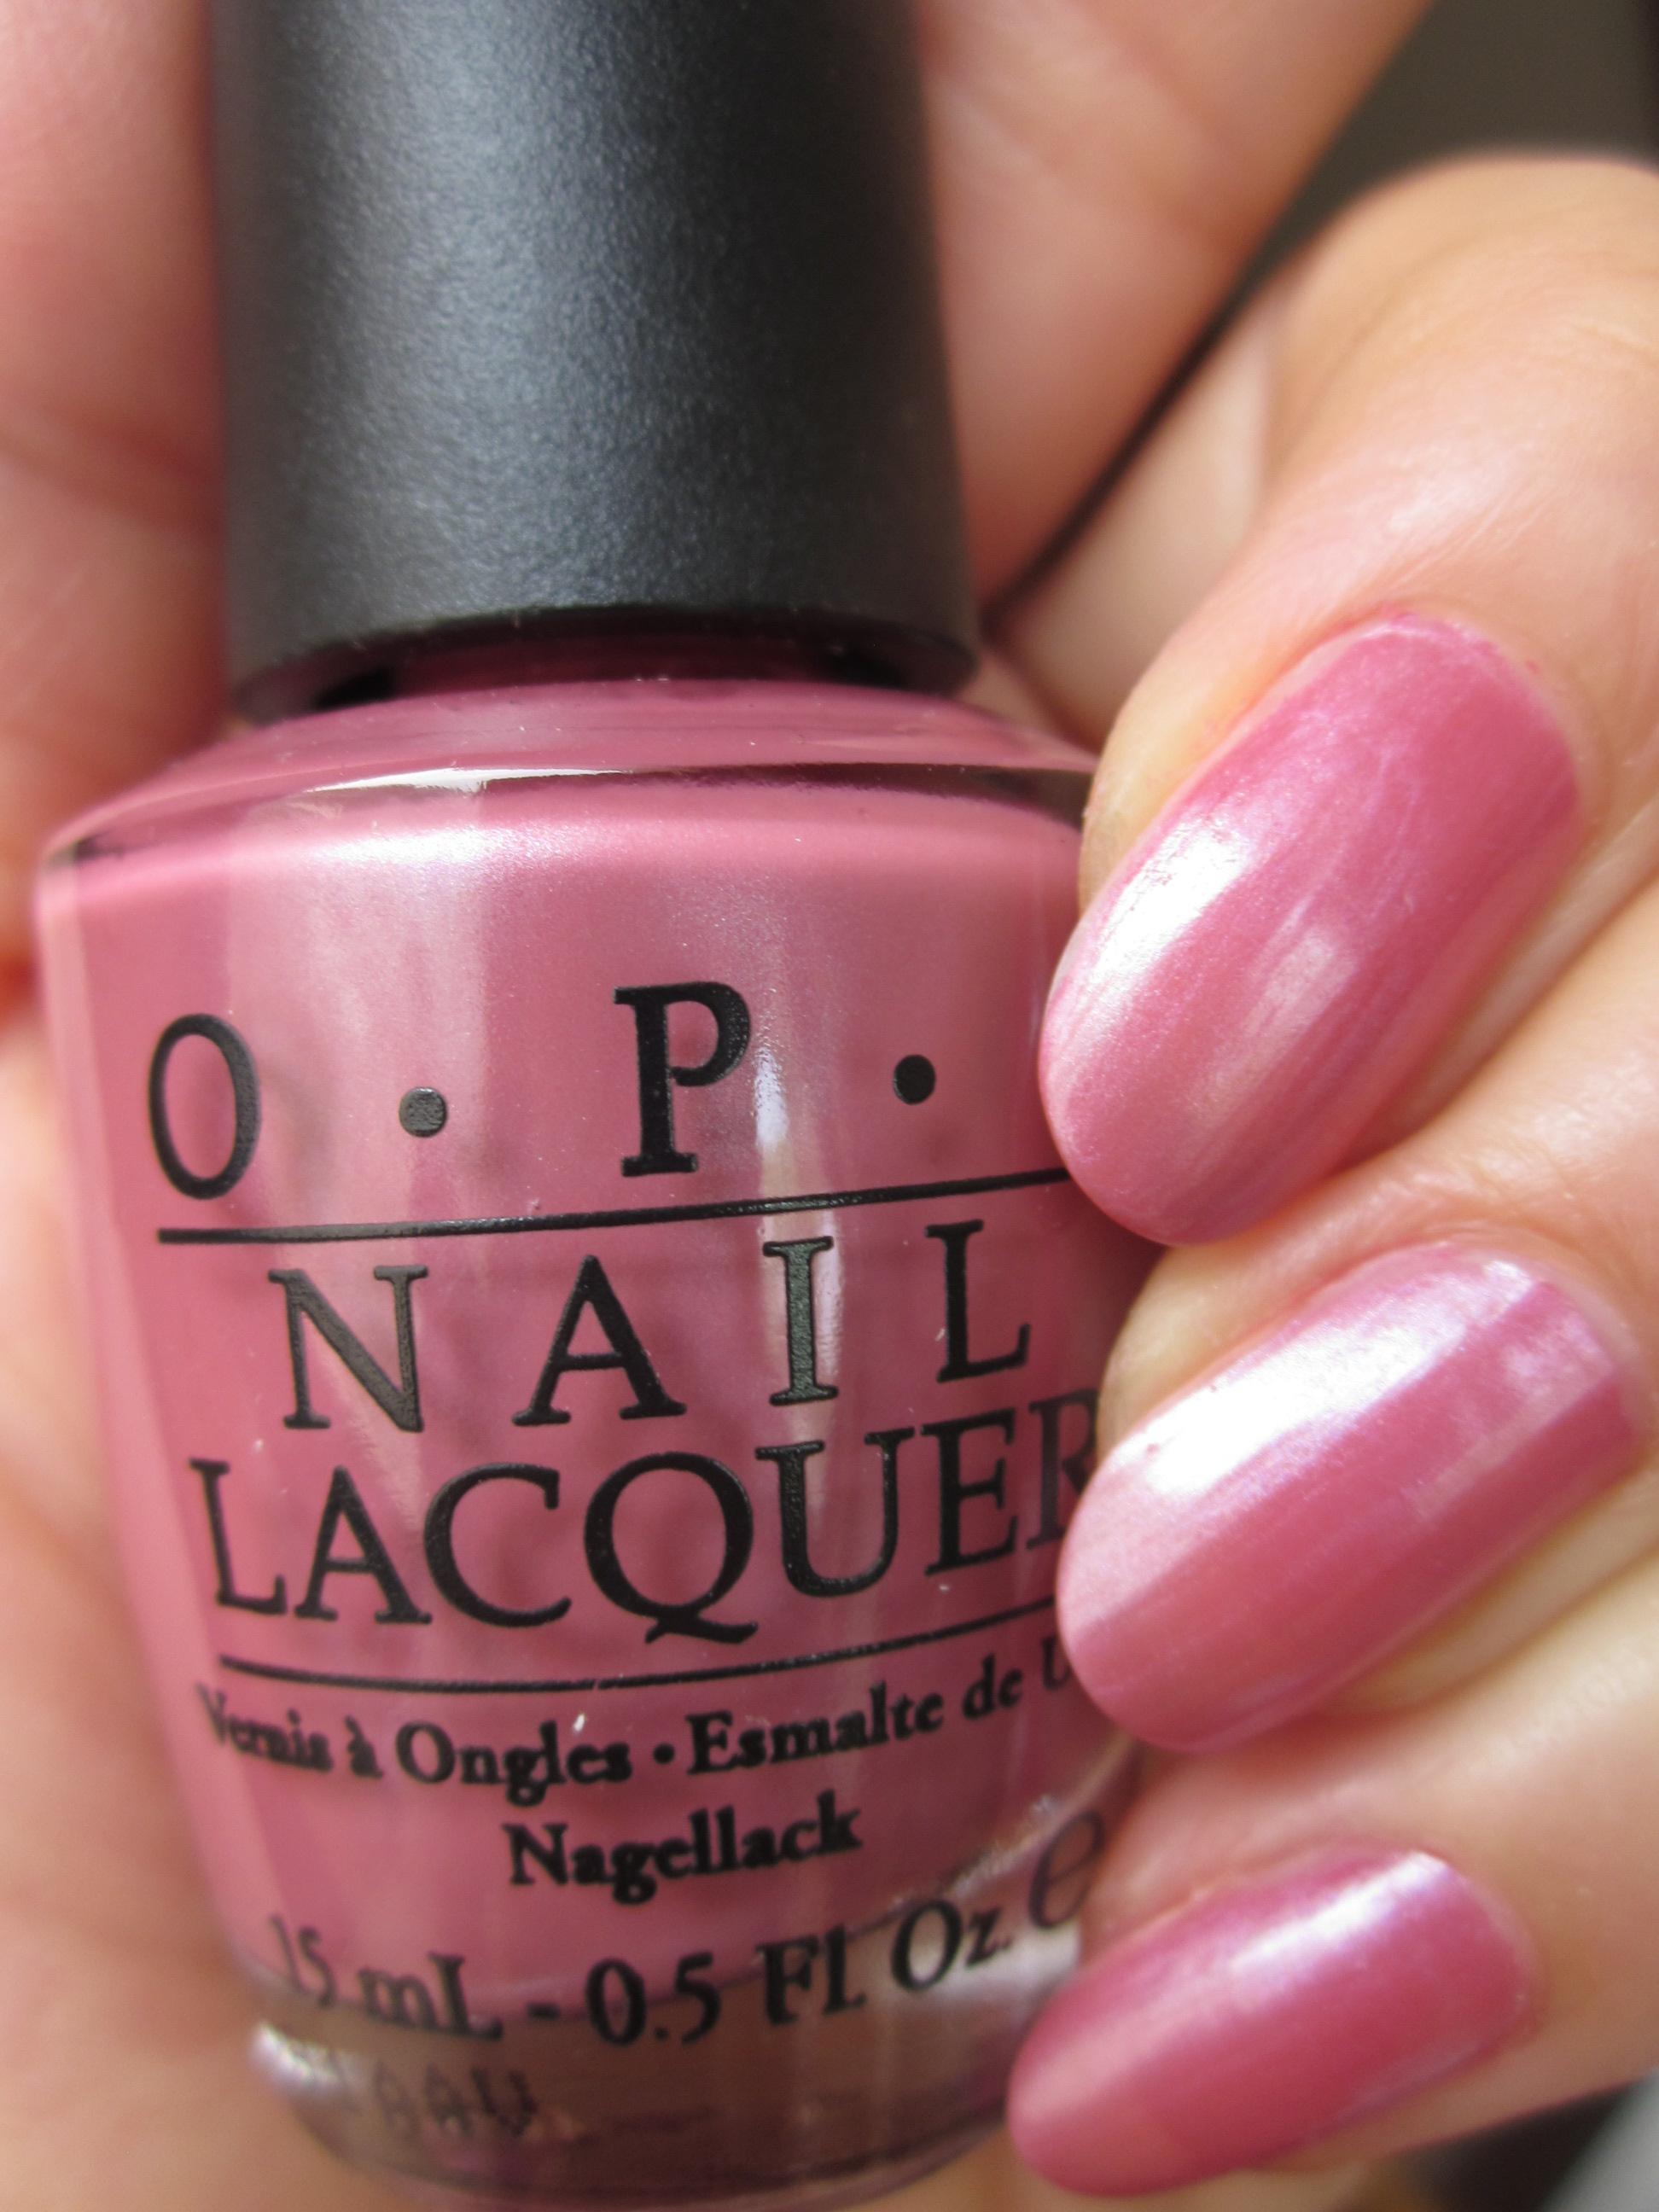 OPI(オーピーアイ) NL S45 Not So Bora-Bora- Pink(ノット ソー ボラボライング ピンク) opi ネイル ネイルカラー ネイルポリッシュ マニキュア ラメ パール